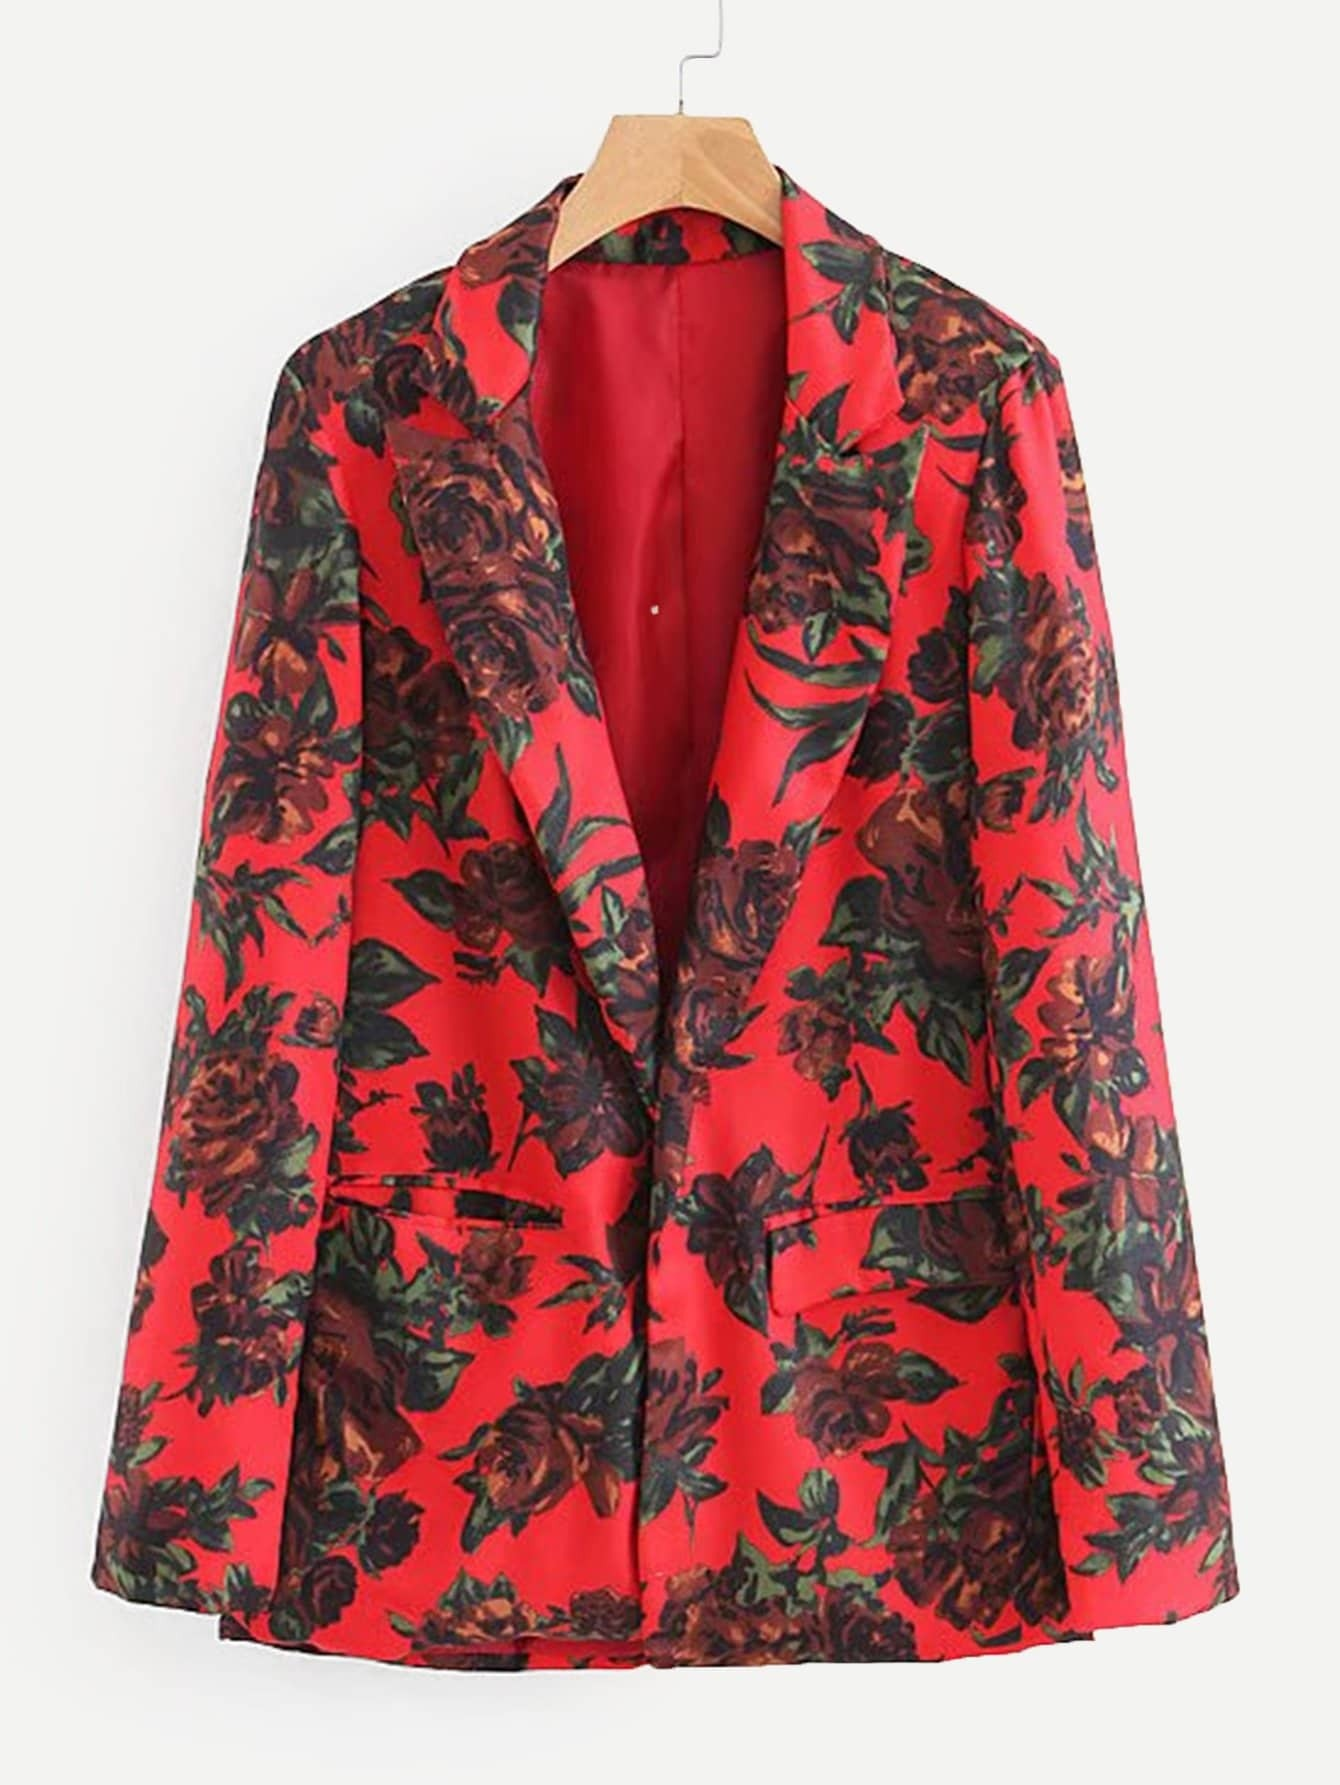 Купить Повседневный Со цветочками Карман Красный Пиджаки, null, SheIn